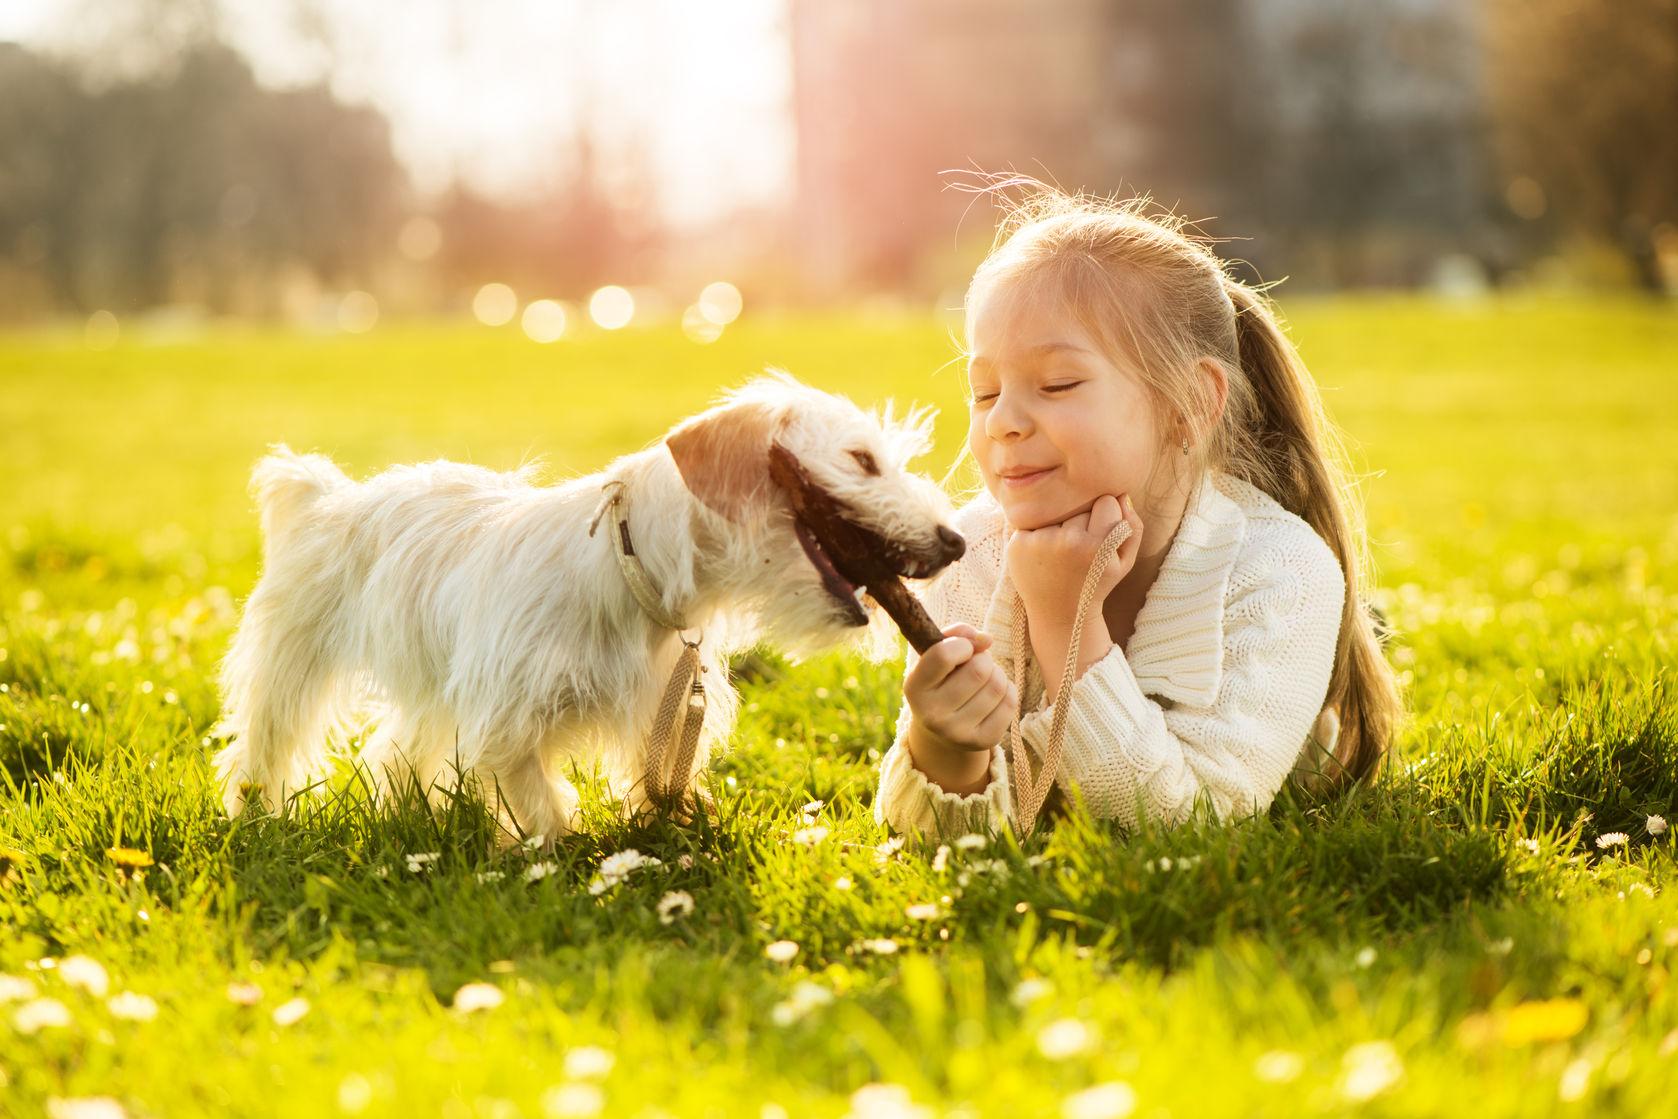 pequeña niña jugando con su cachorro en el parque